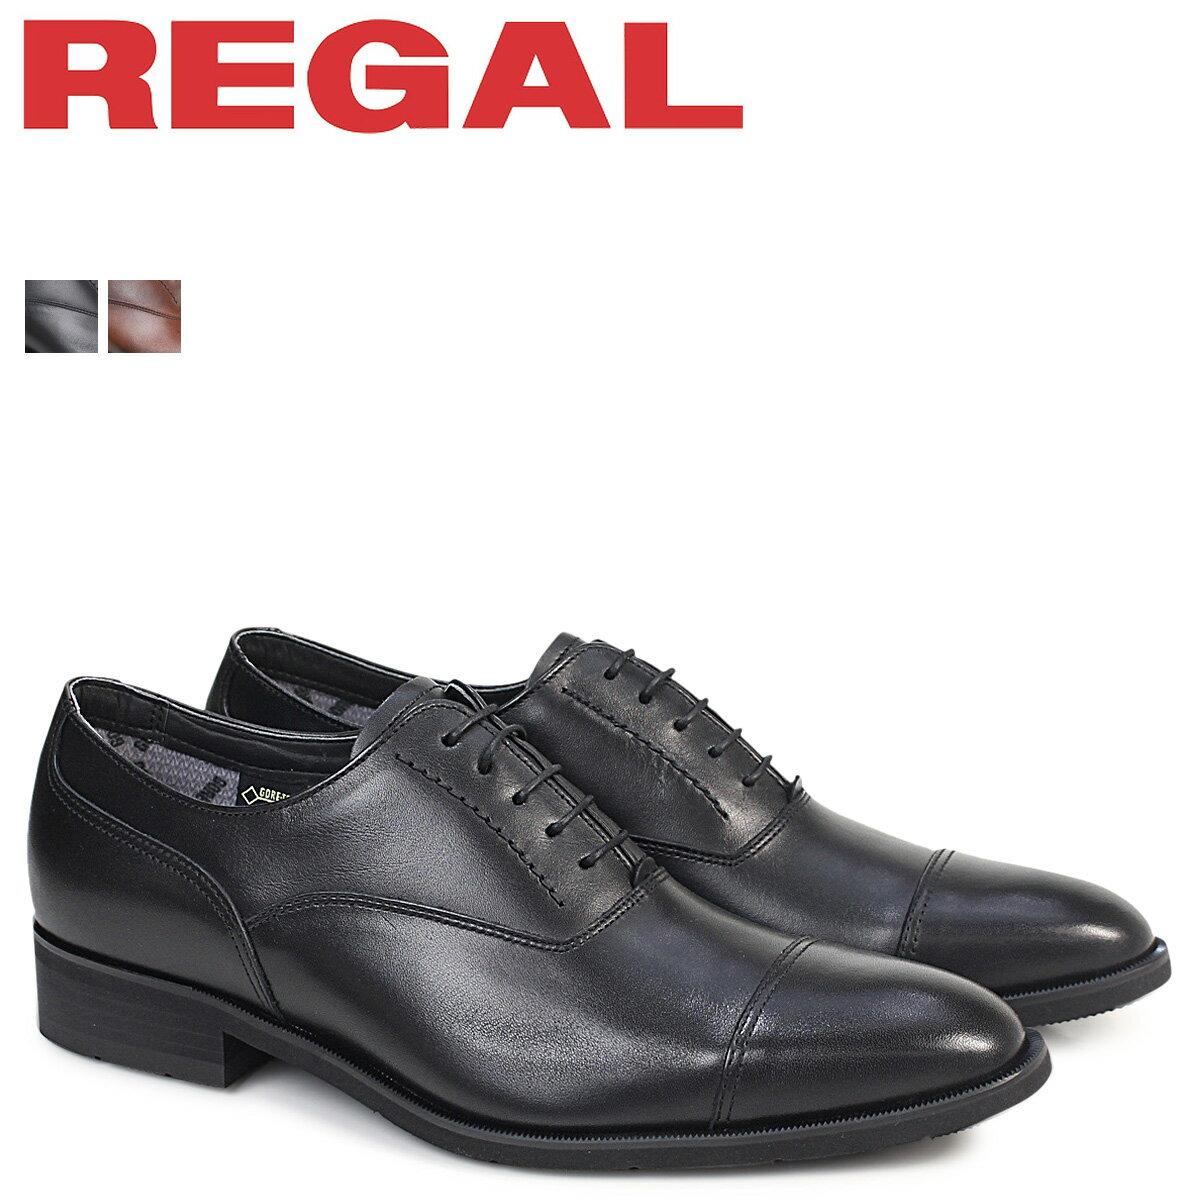 リーガル 靴 メンズ REGAL ストレートチップ 35HRBB ビジネスシューズ 防水 日本製 [2/13 追加入荷]